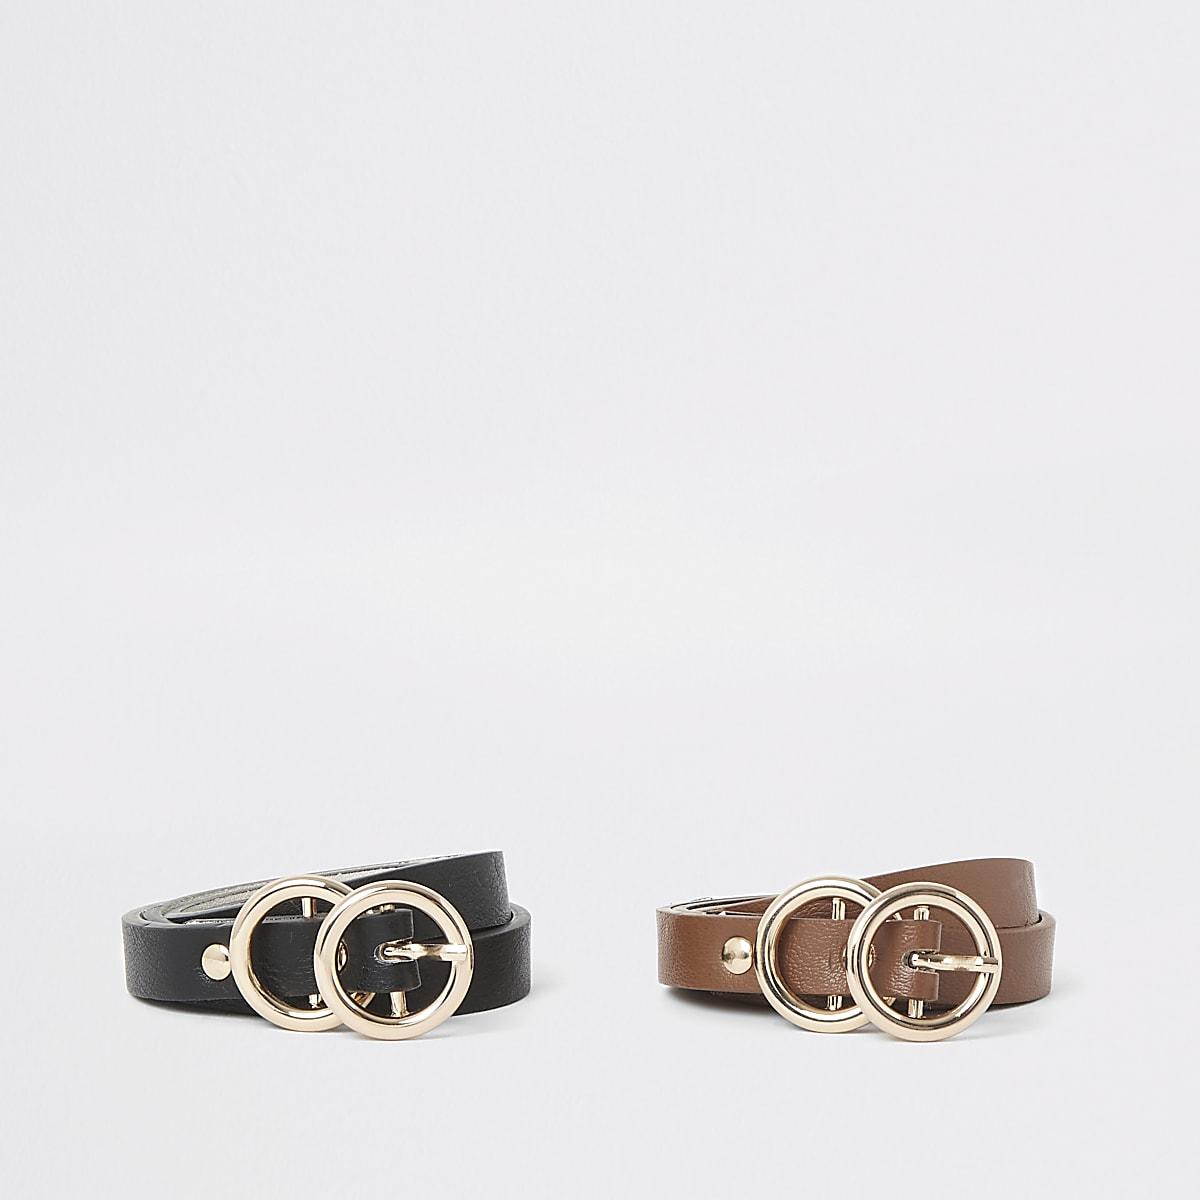 Lot de ceintures à deux boucles, une noire et une marron